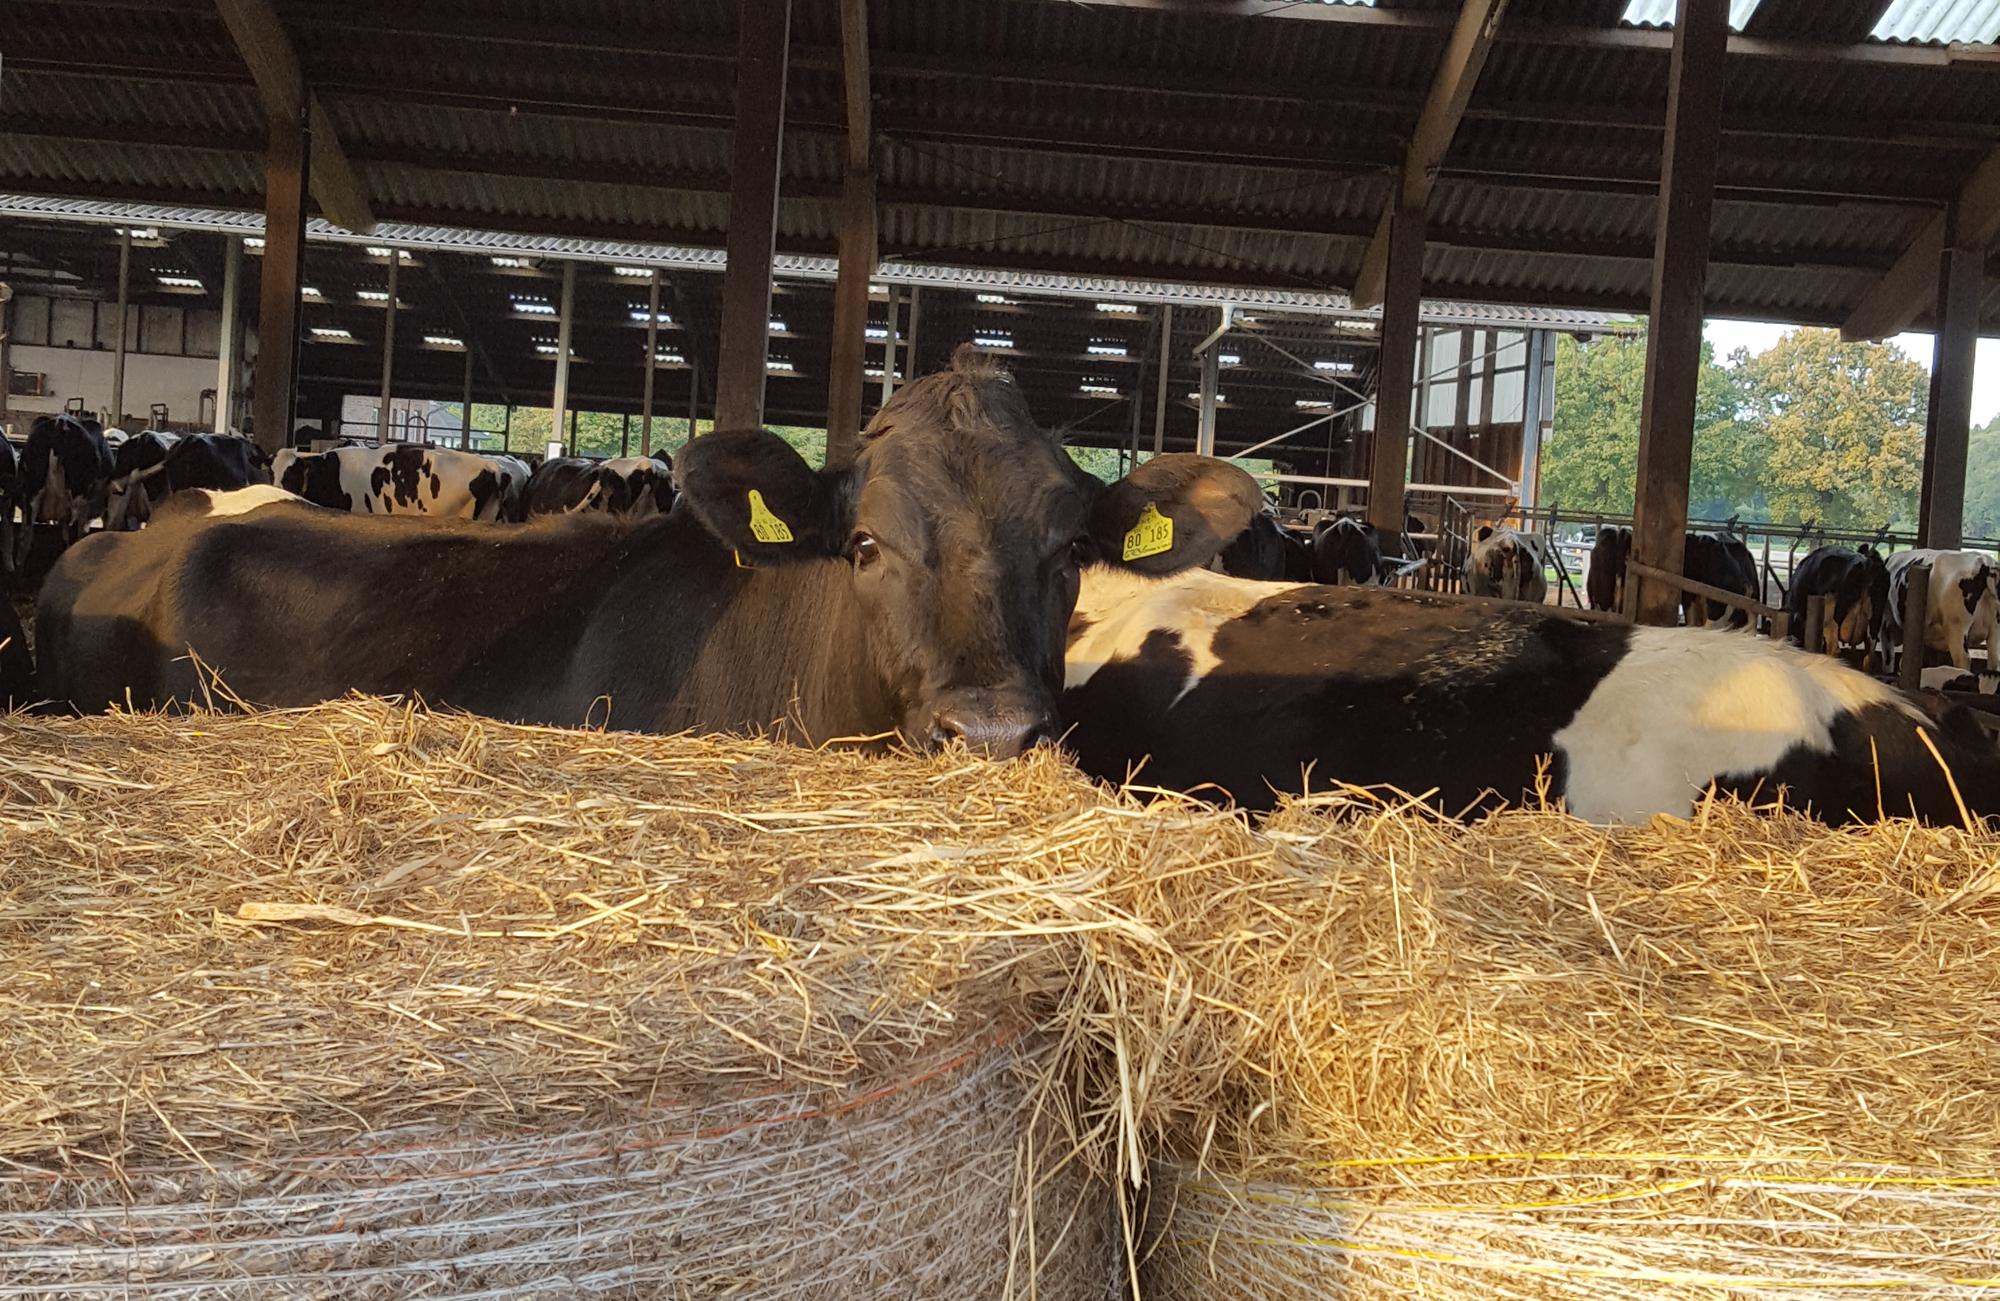 Und die Kühe natürlich auch.